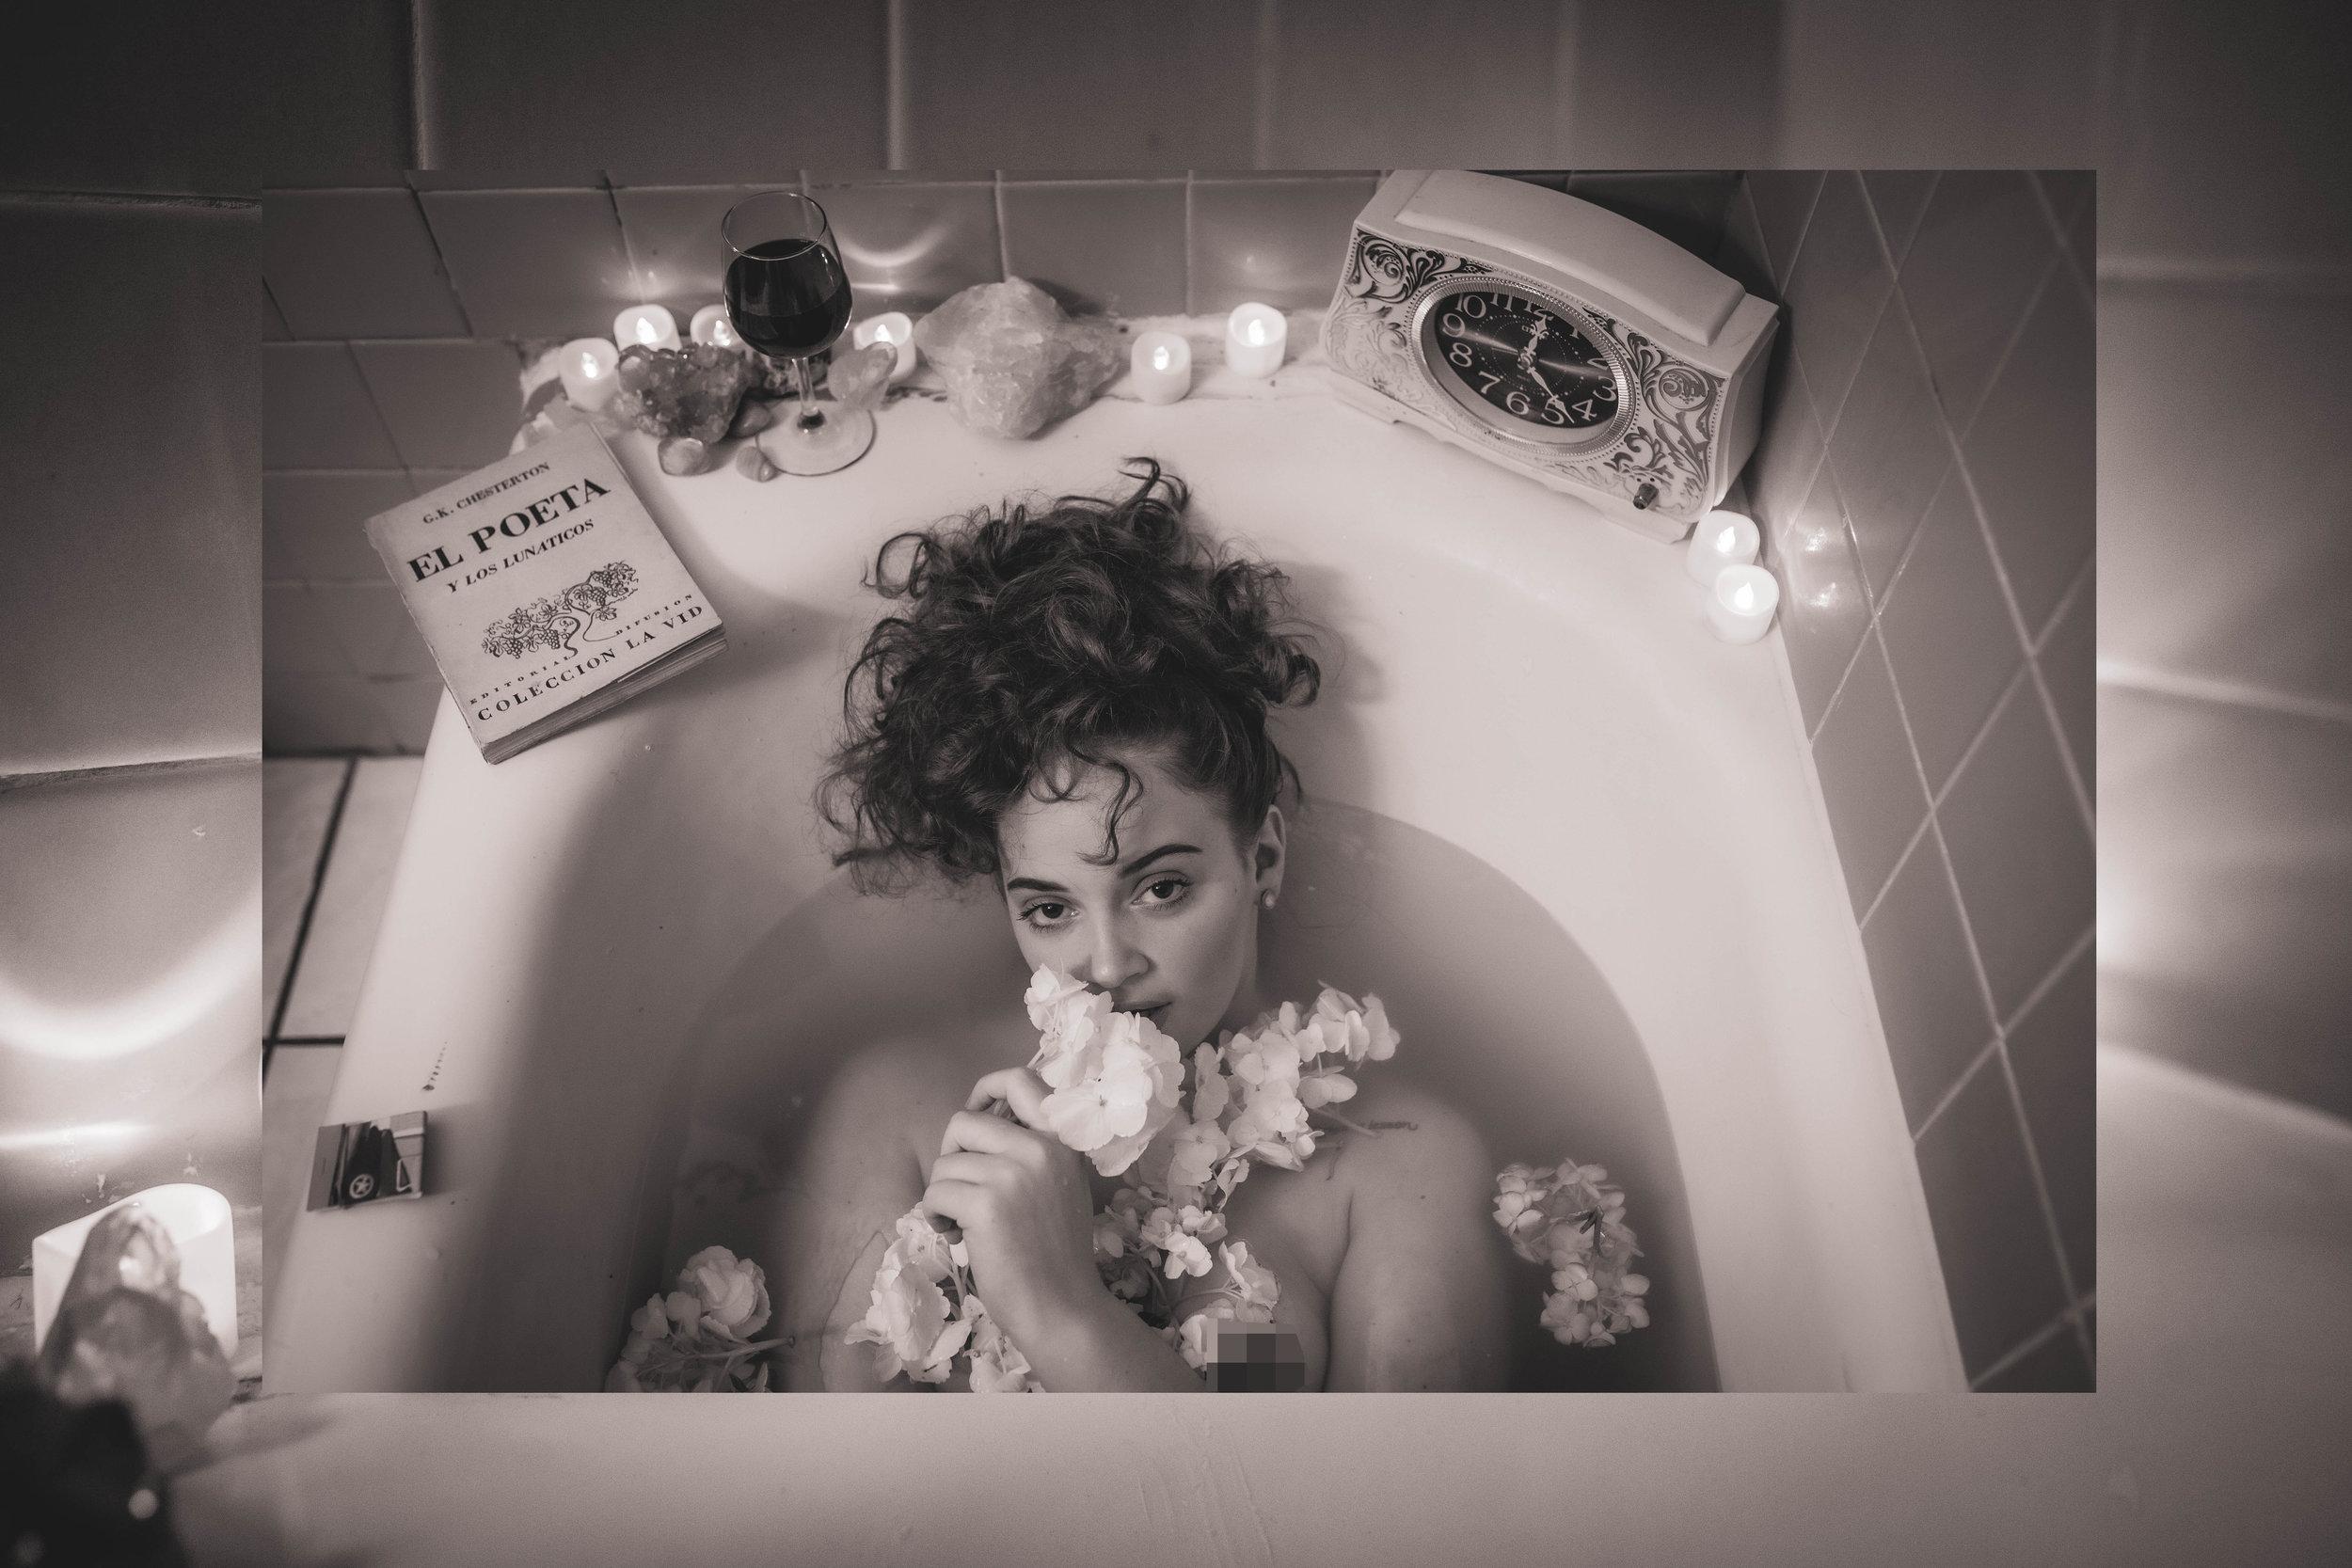 Jeana takes a bath -